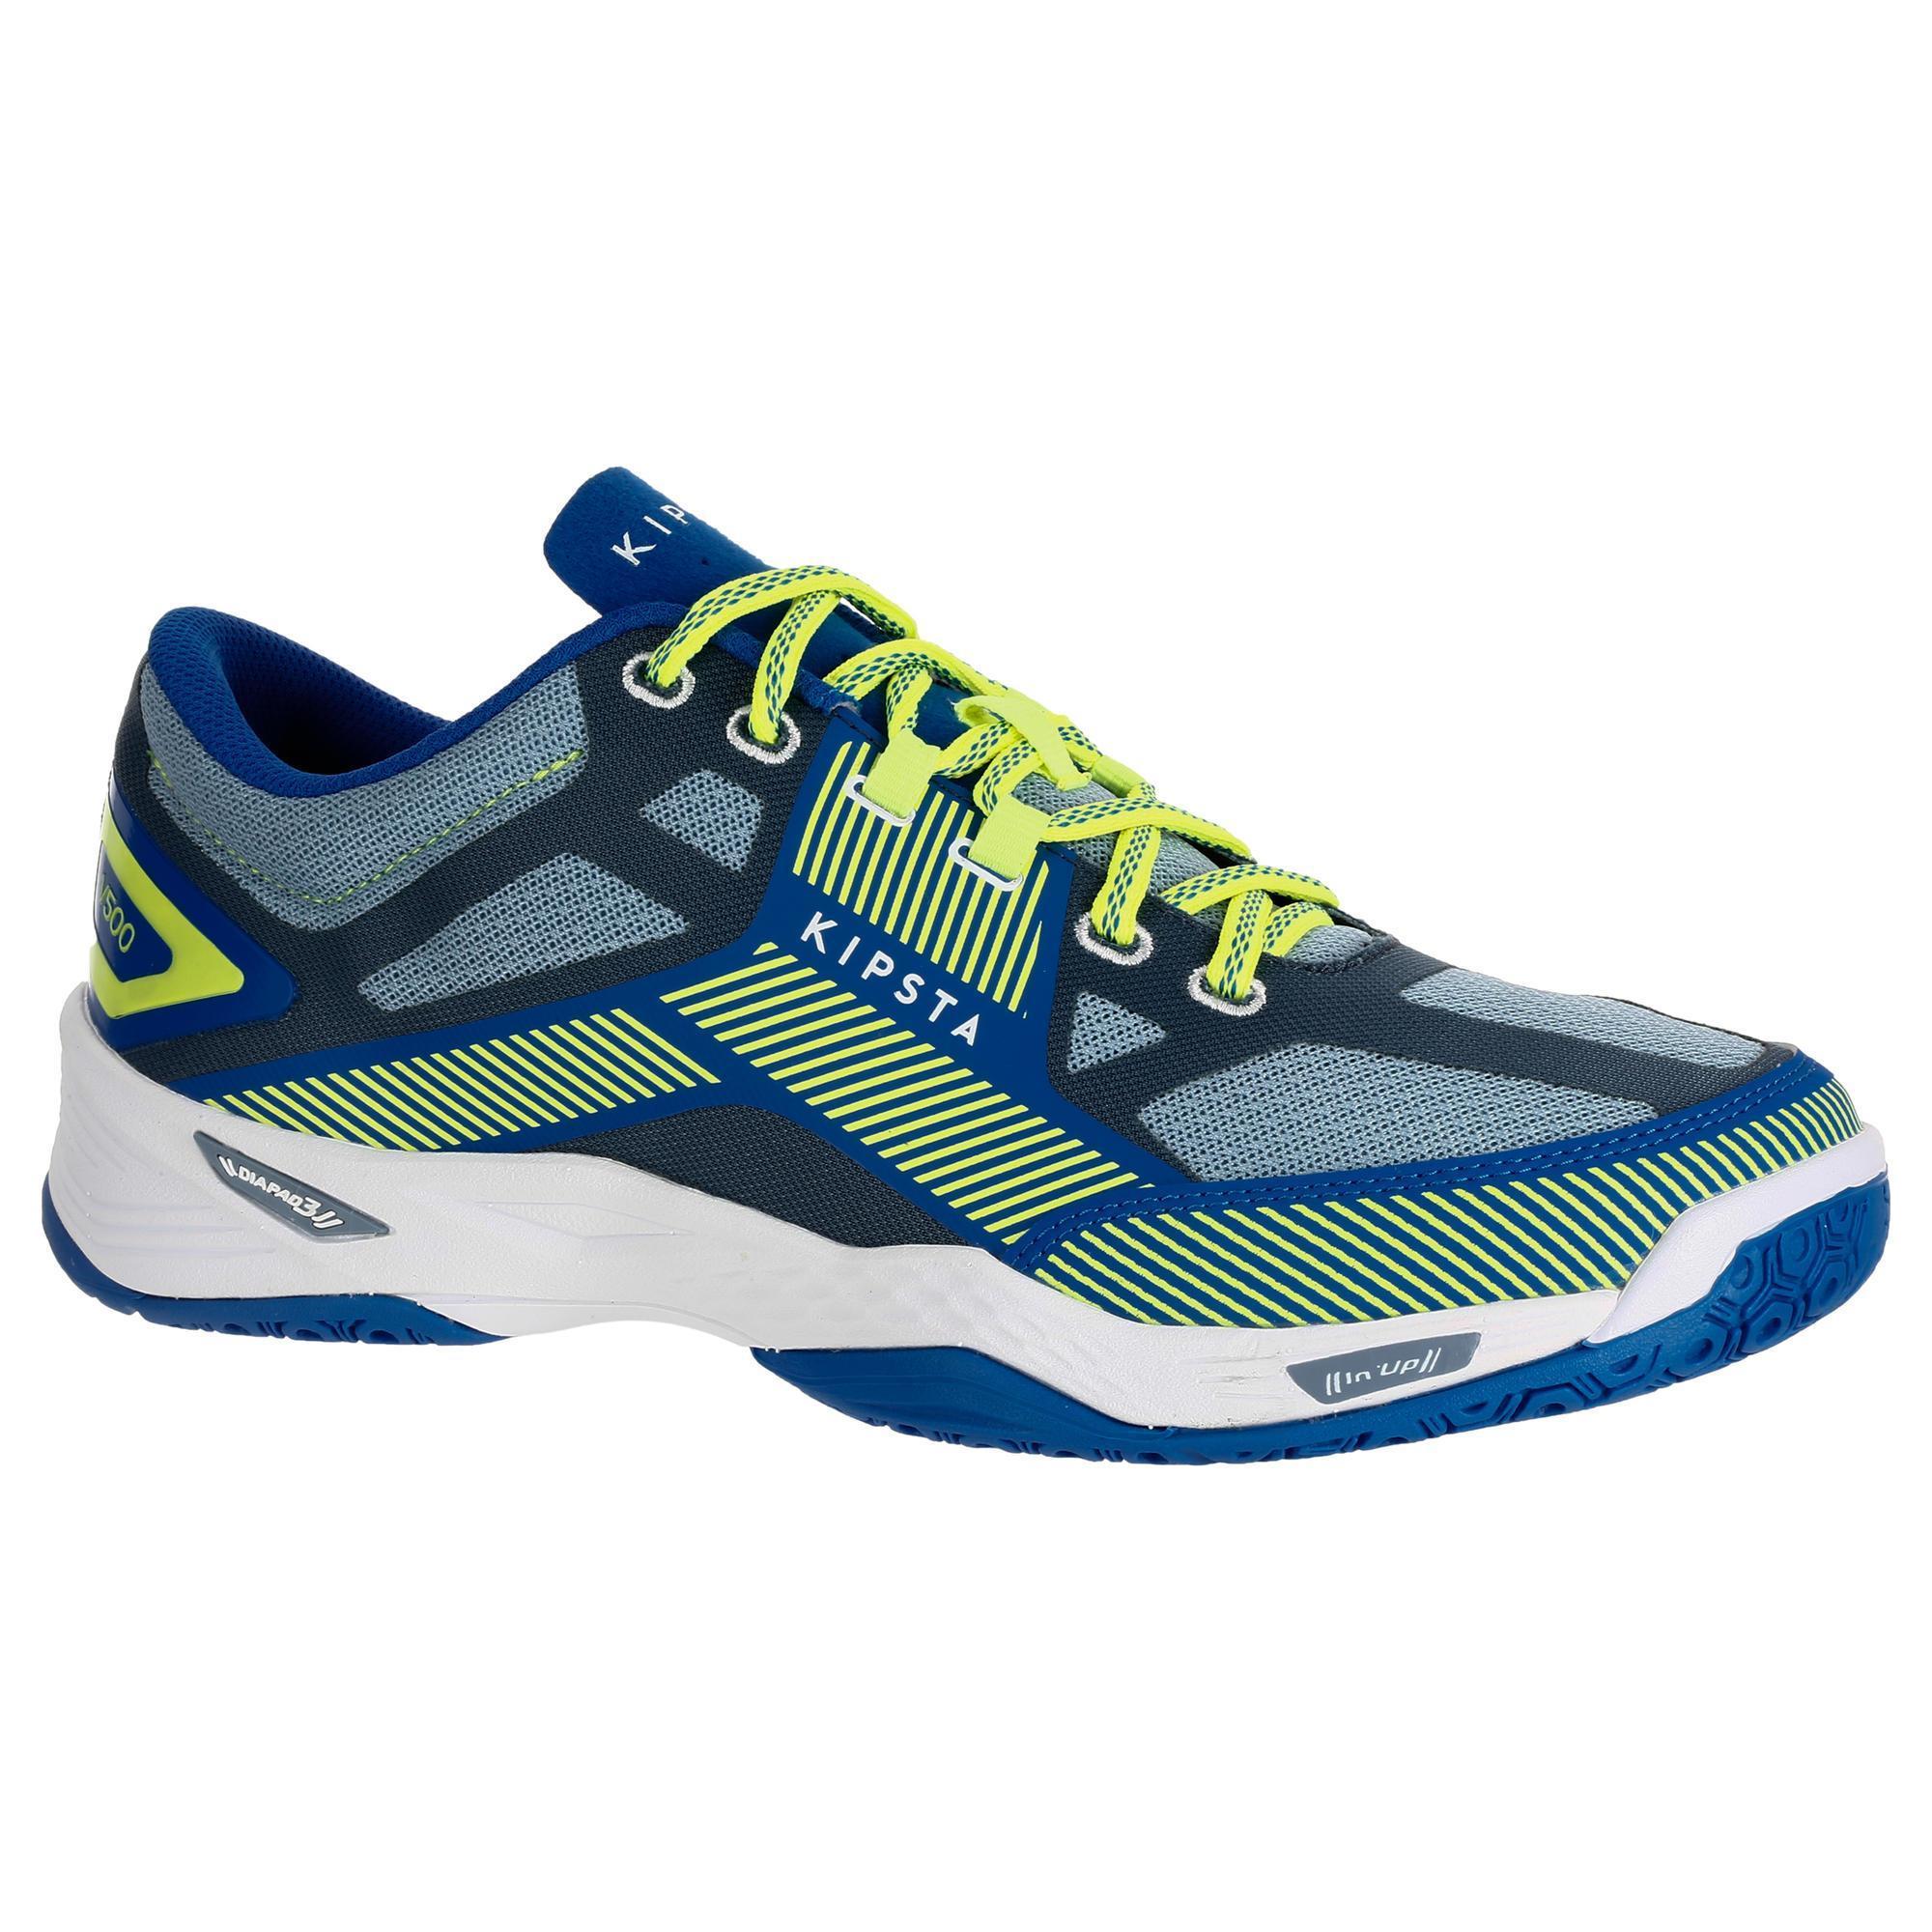 2413646 Kipsta Volleybalschoenen heren V500 blauw/geel